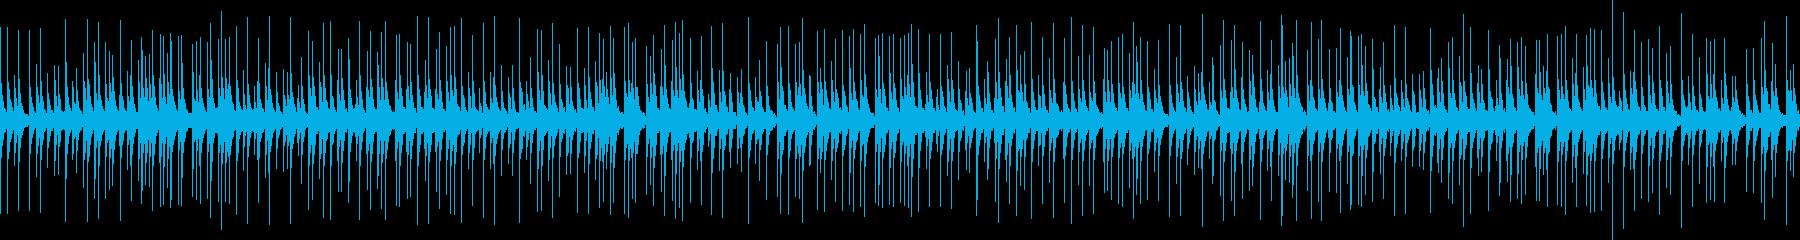 よく聴く伝統的な相撲の寄せ太鼓 ループの再生済みの波形